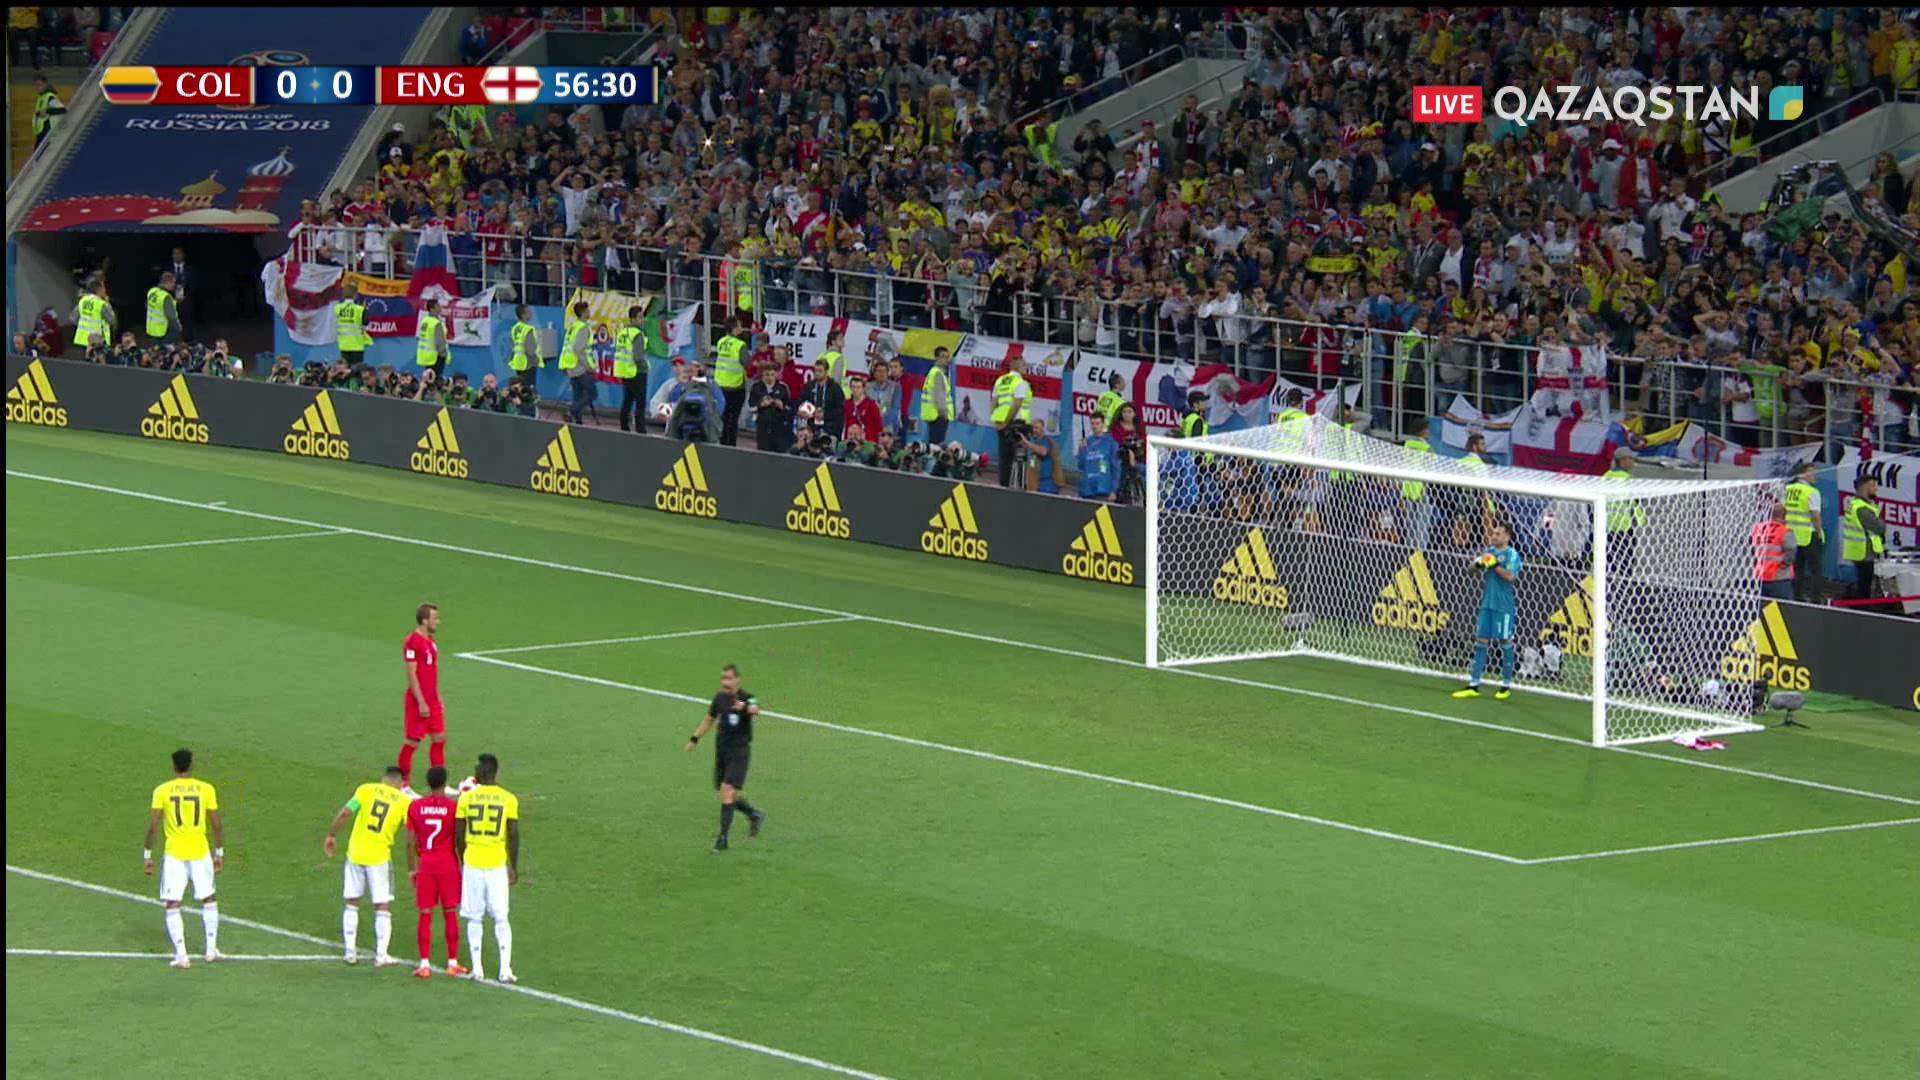 Колумбия – Англия – 0:1   Әлем Чемпионаты 2018: Харри Кейн пенальтиден гол соқты